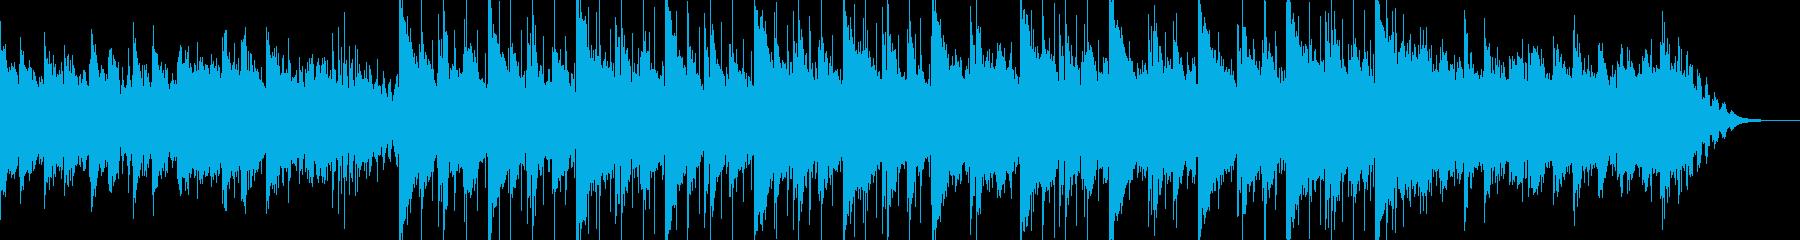 神秘的で催眠的な渦巻くサウンドスケ...の再生済みの波形